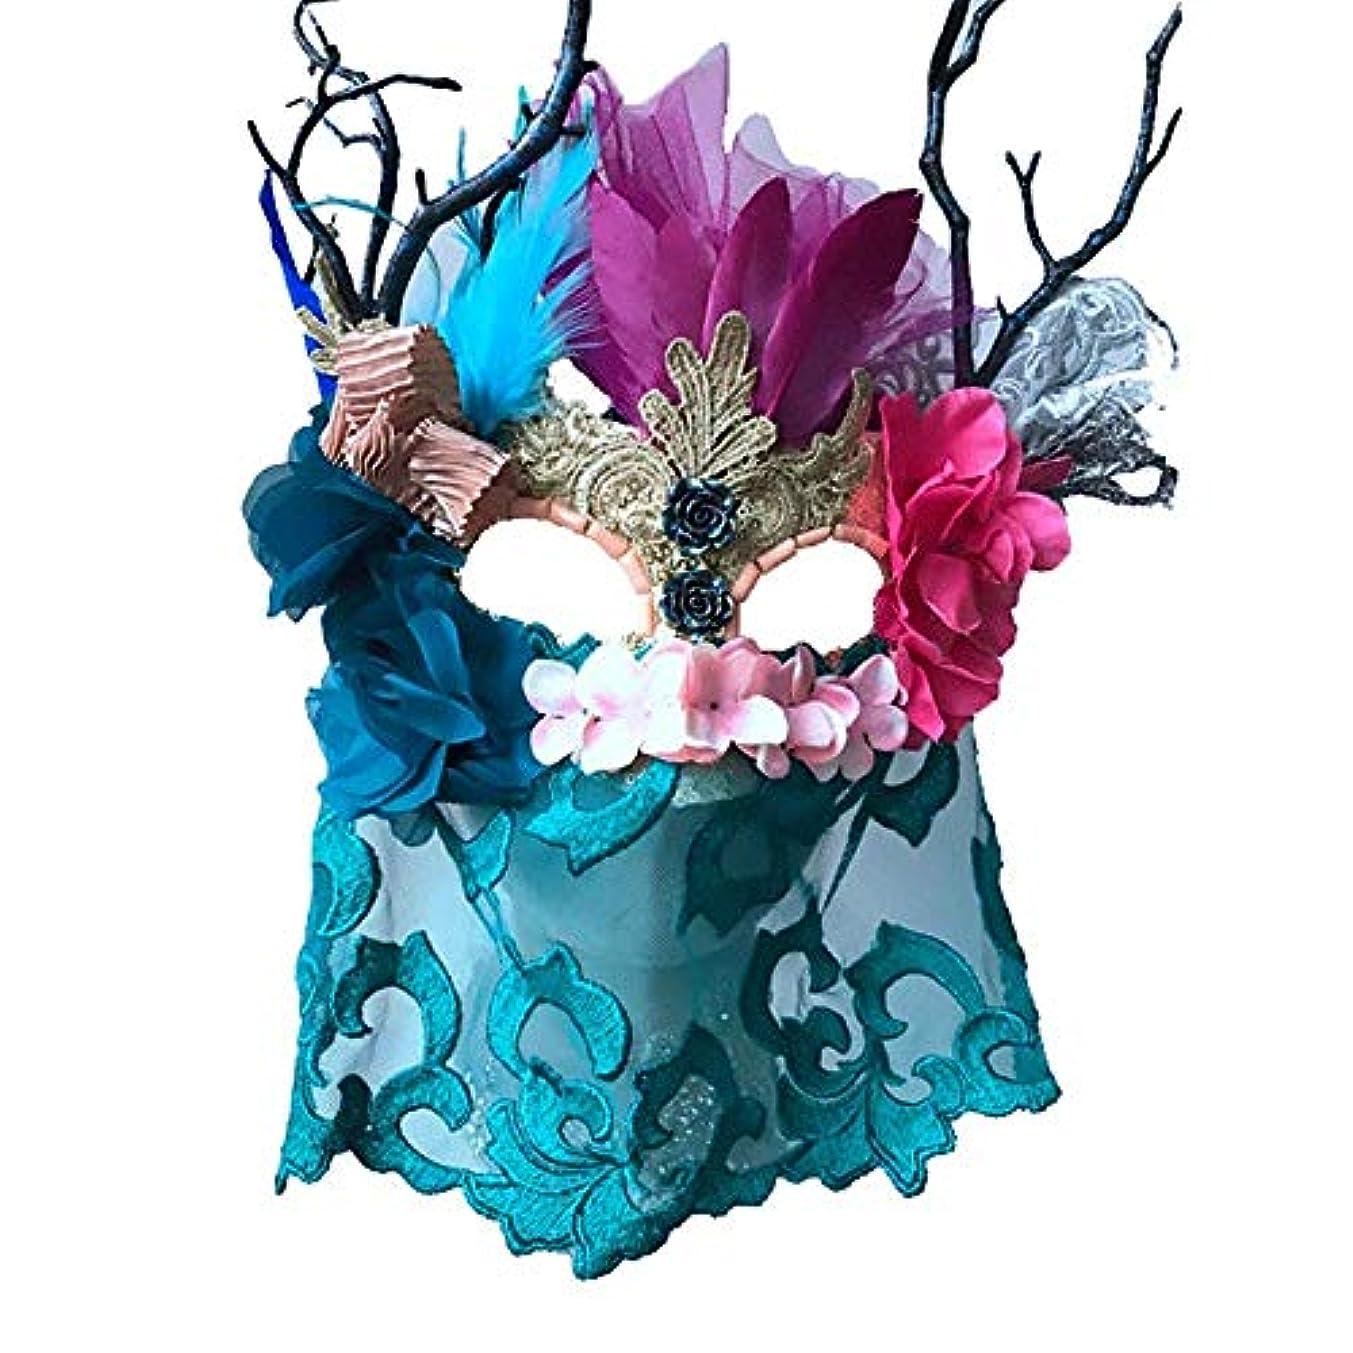 アンケート誘うスペードNanle ハロウィーンのクリスマスフェザーの乾いた枝ベールの花マスク仮装マスクレディミスプリンセス美しさの祭りデコレーションマスク